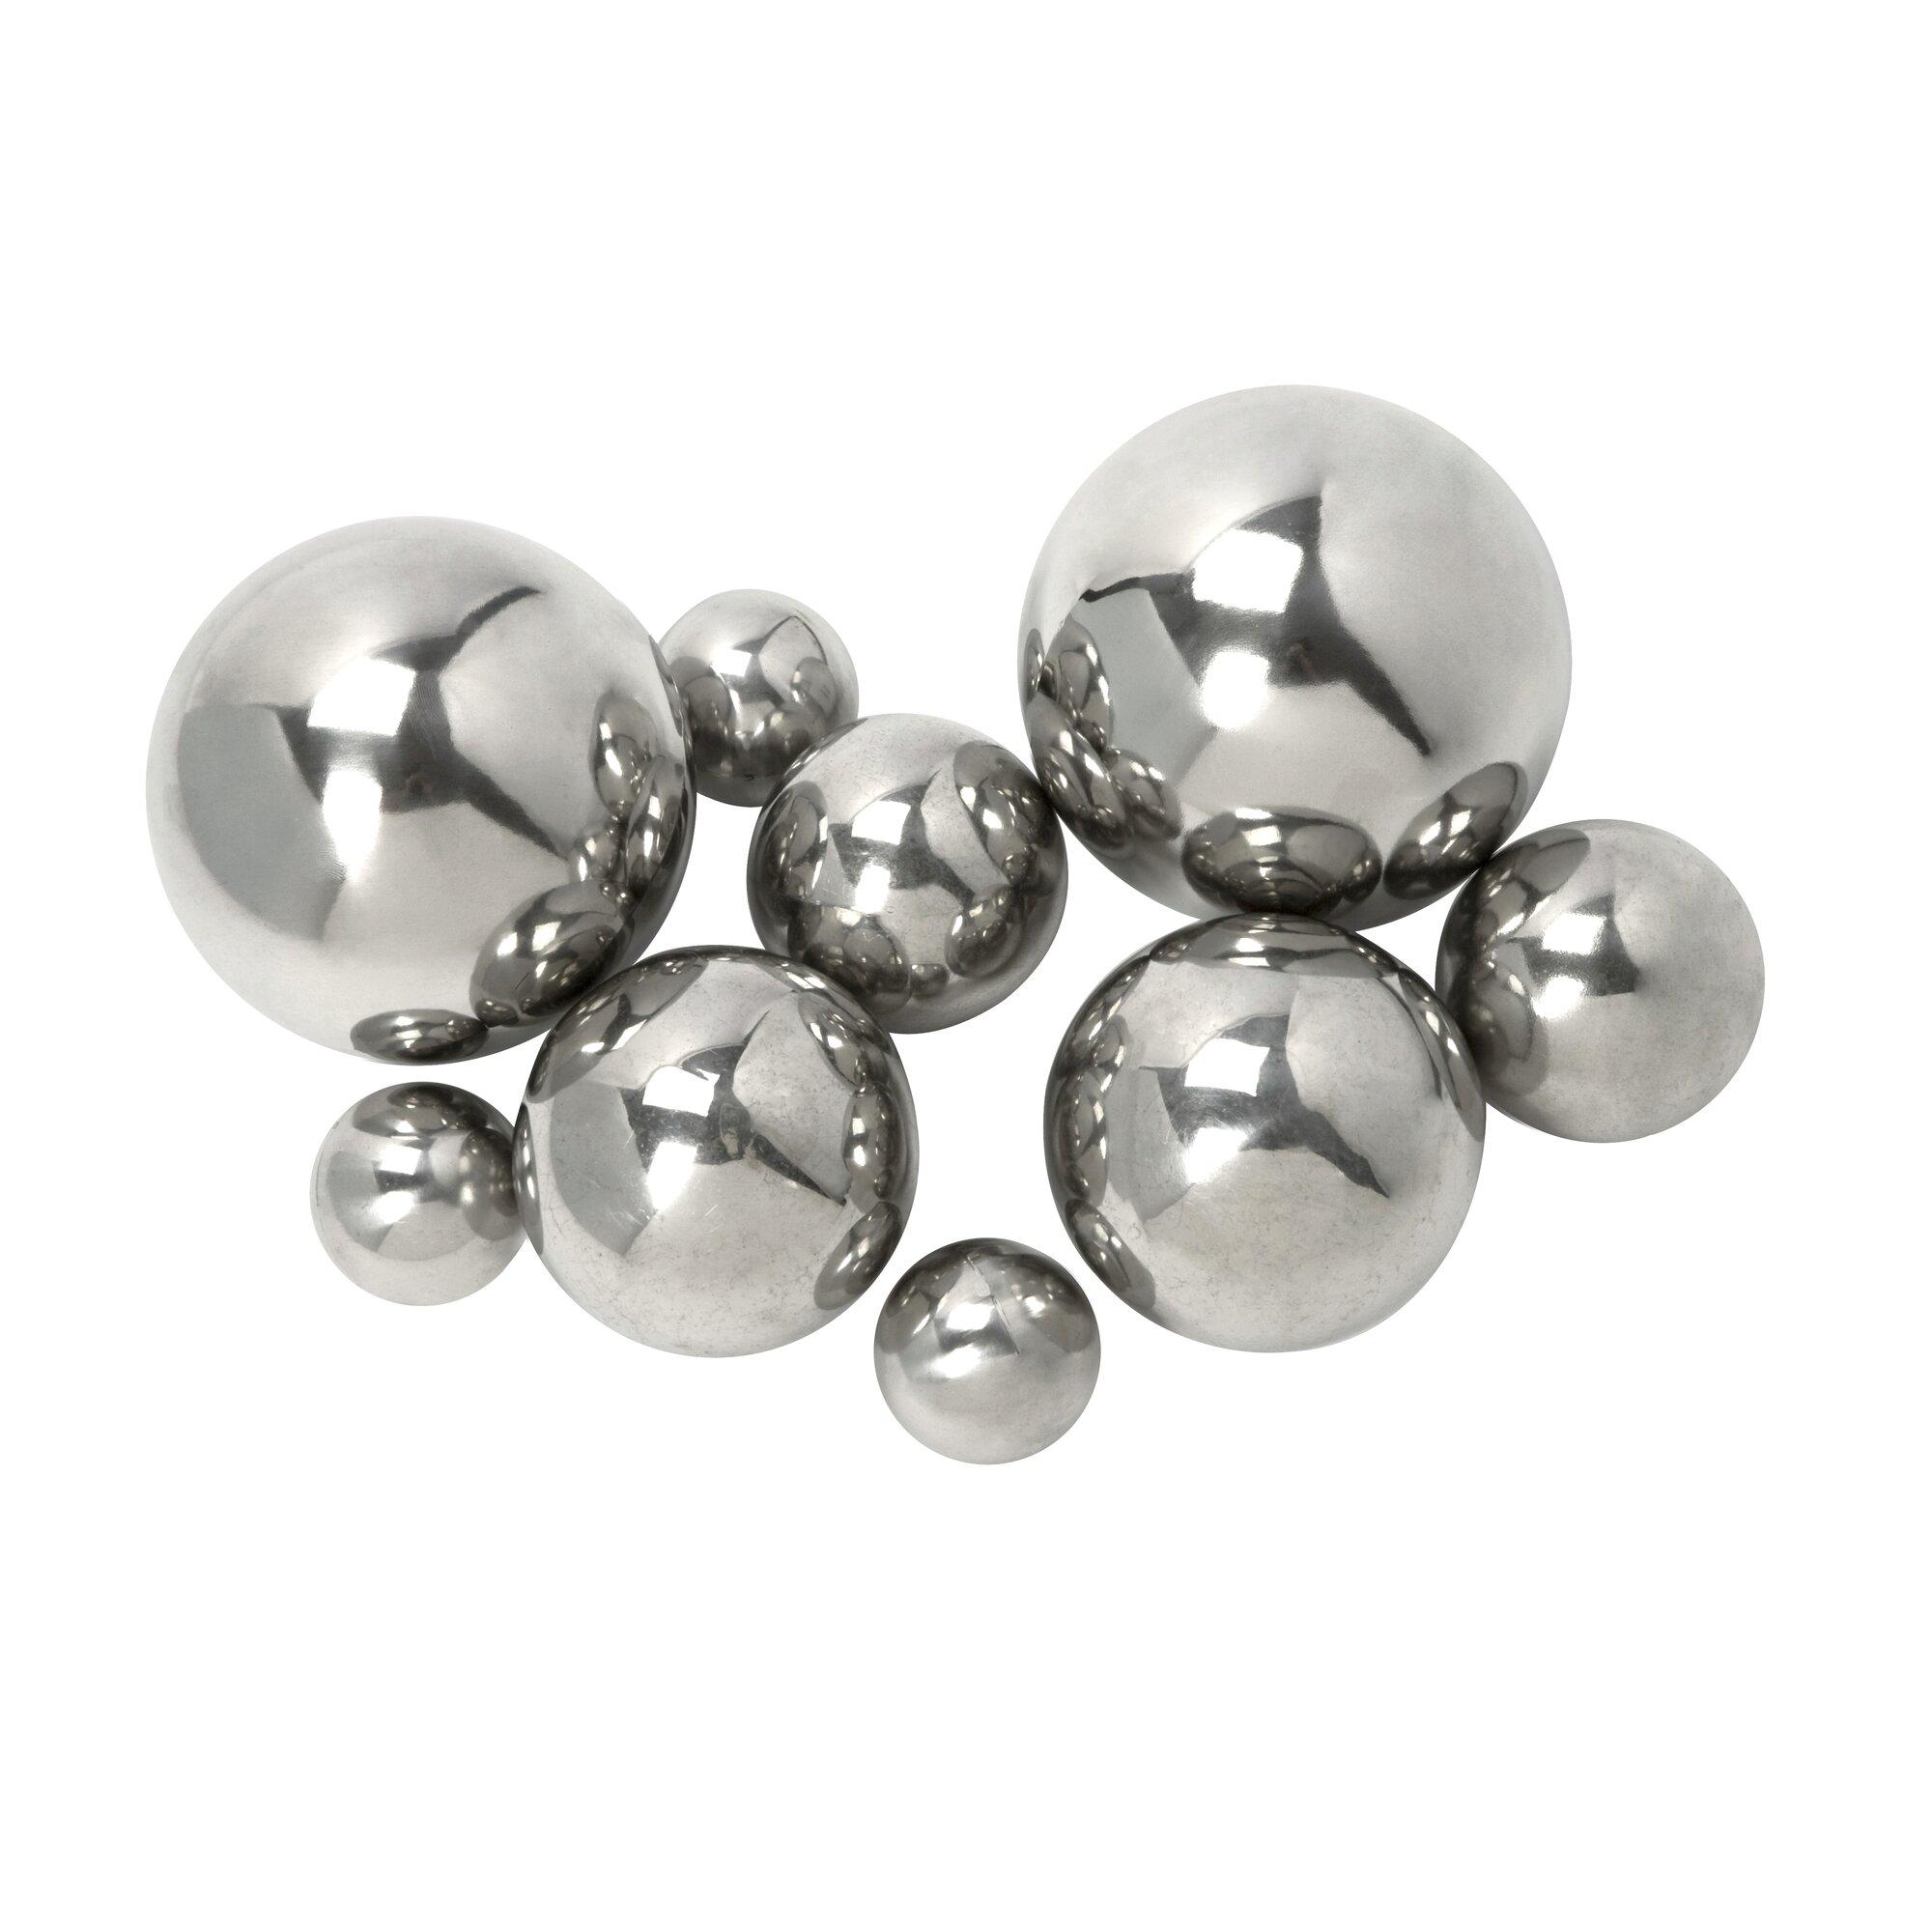 9 piece abbot ball decor set reviews joss main for Decor 9 iball